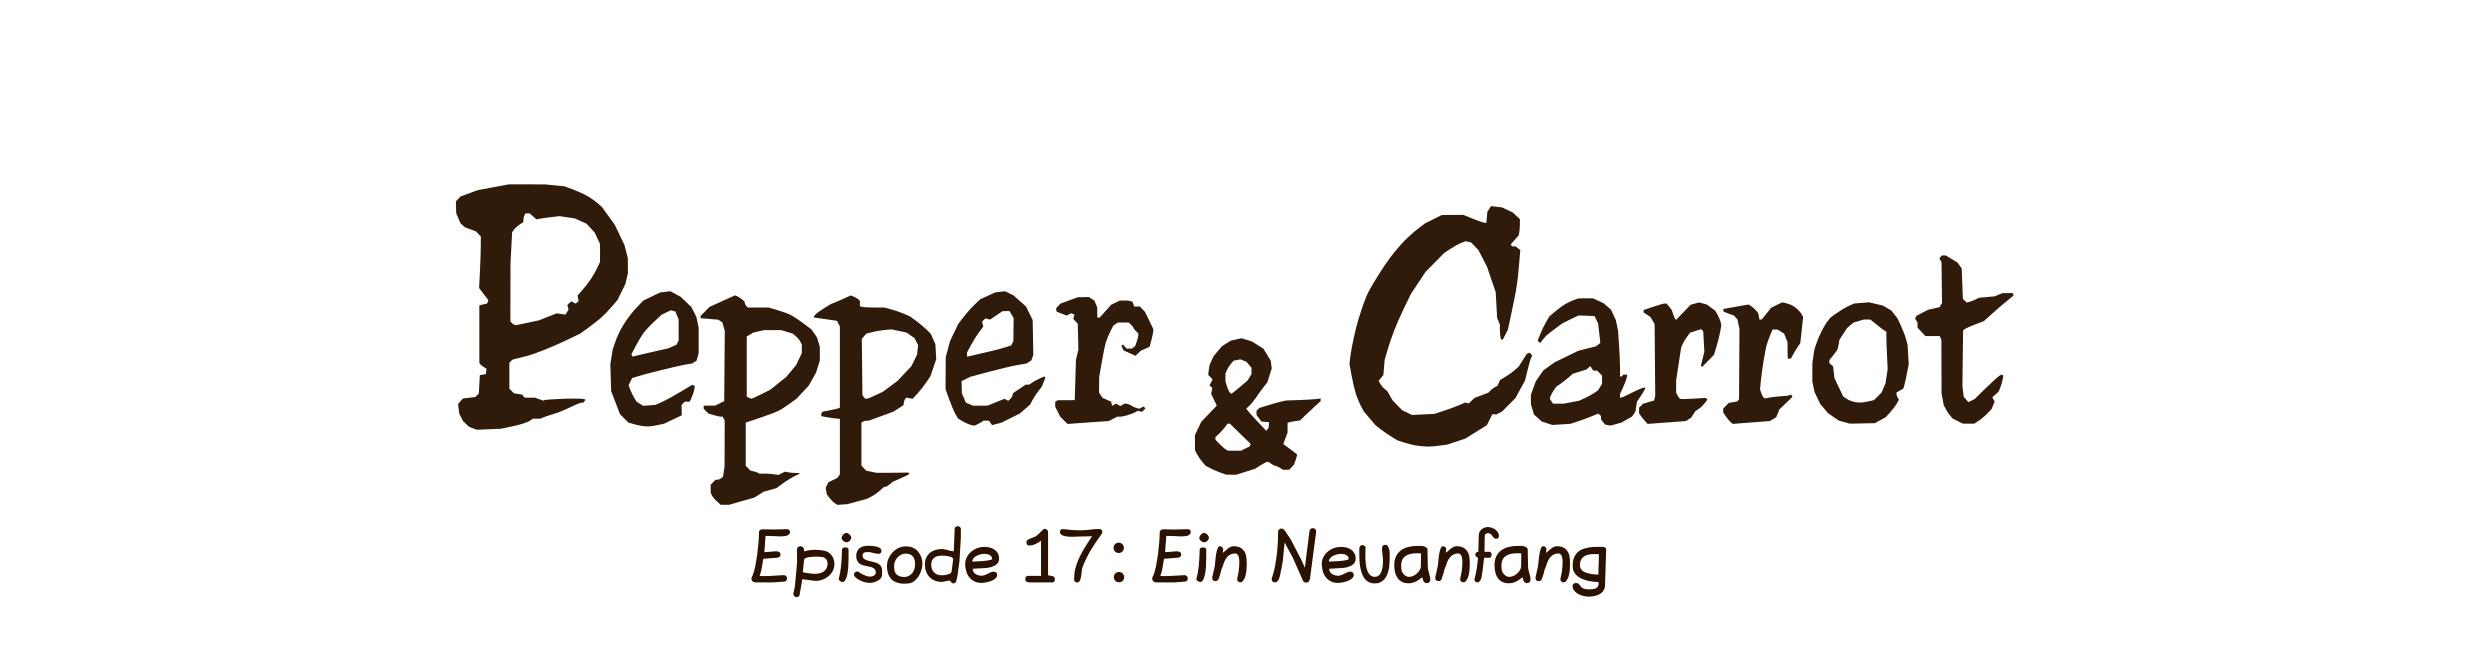 Episode 17: Ein Neuanfang